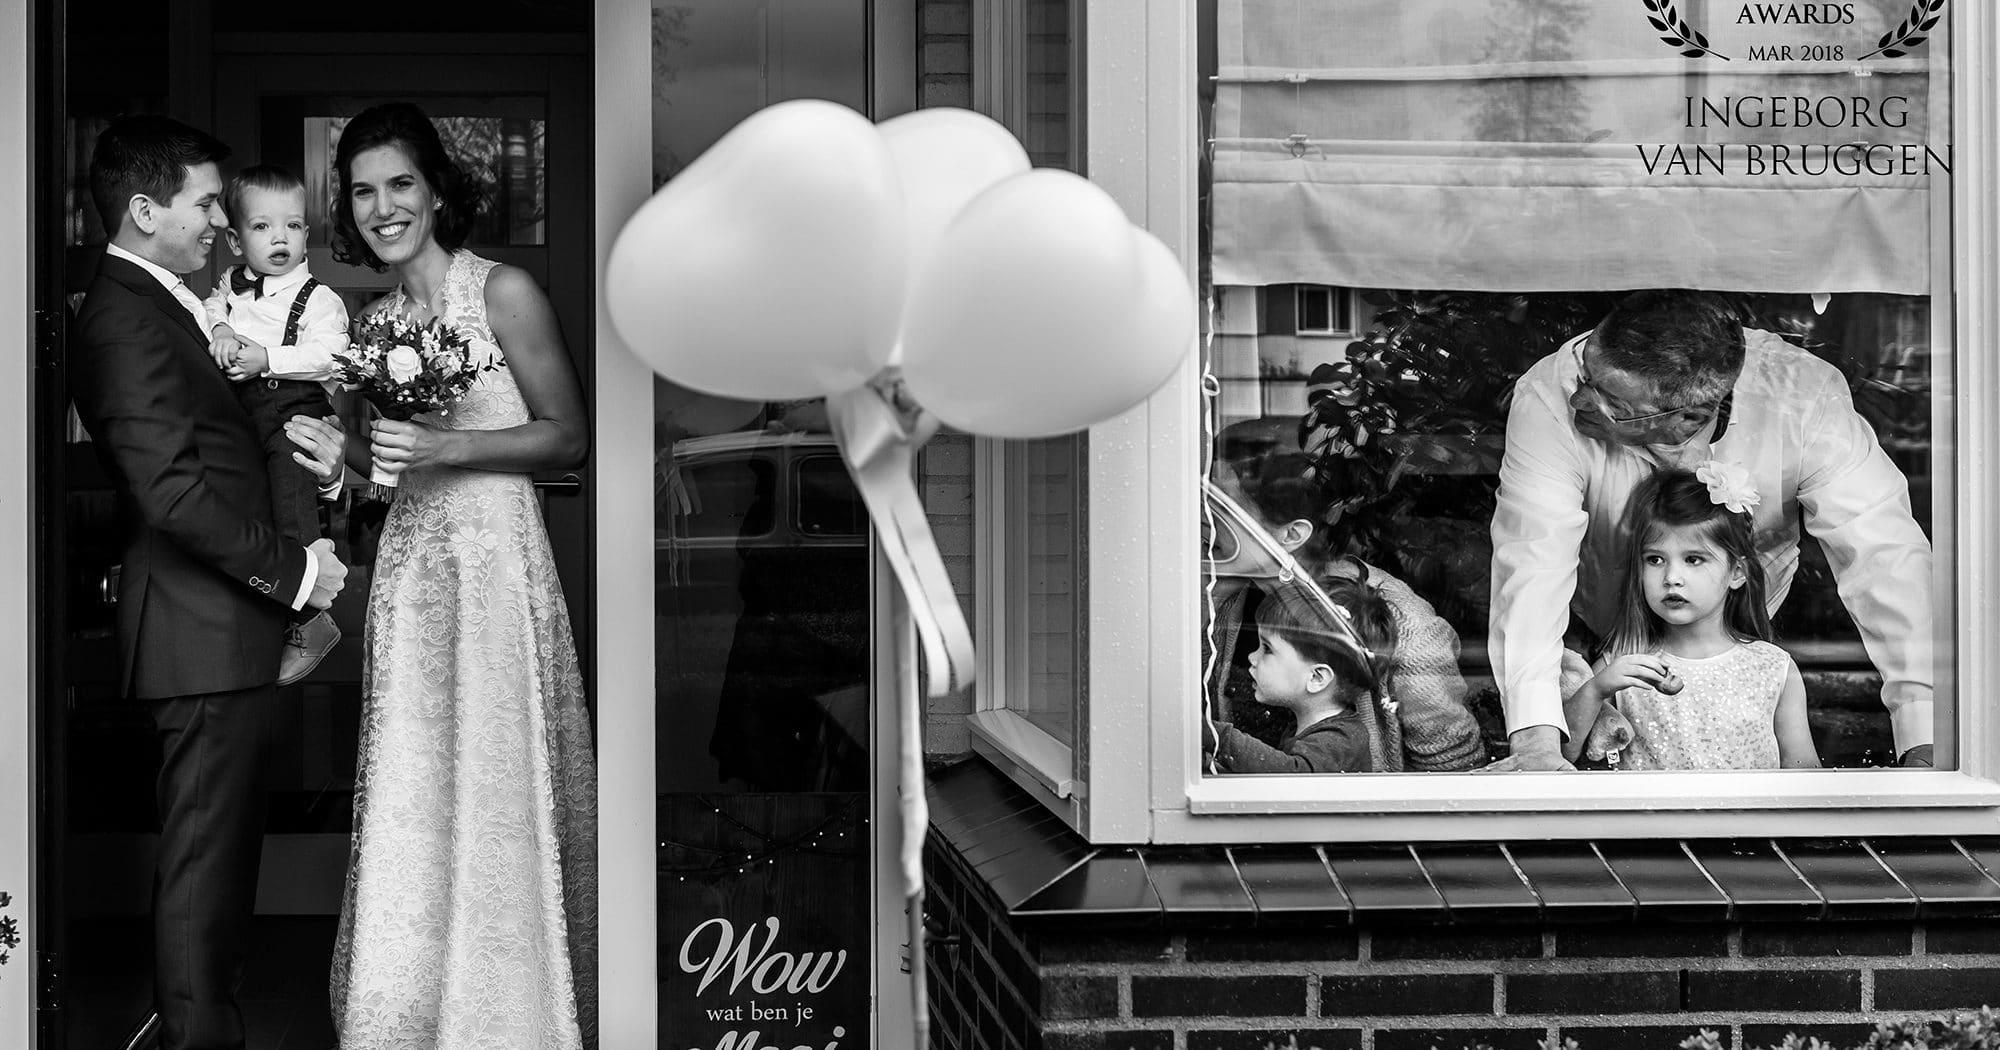 INGEBORG-VAN-BRUGGEN-Award-winnend-fotograaf